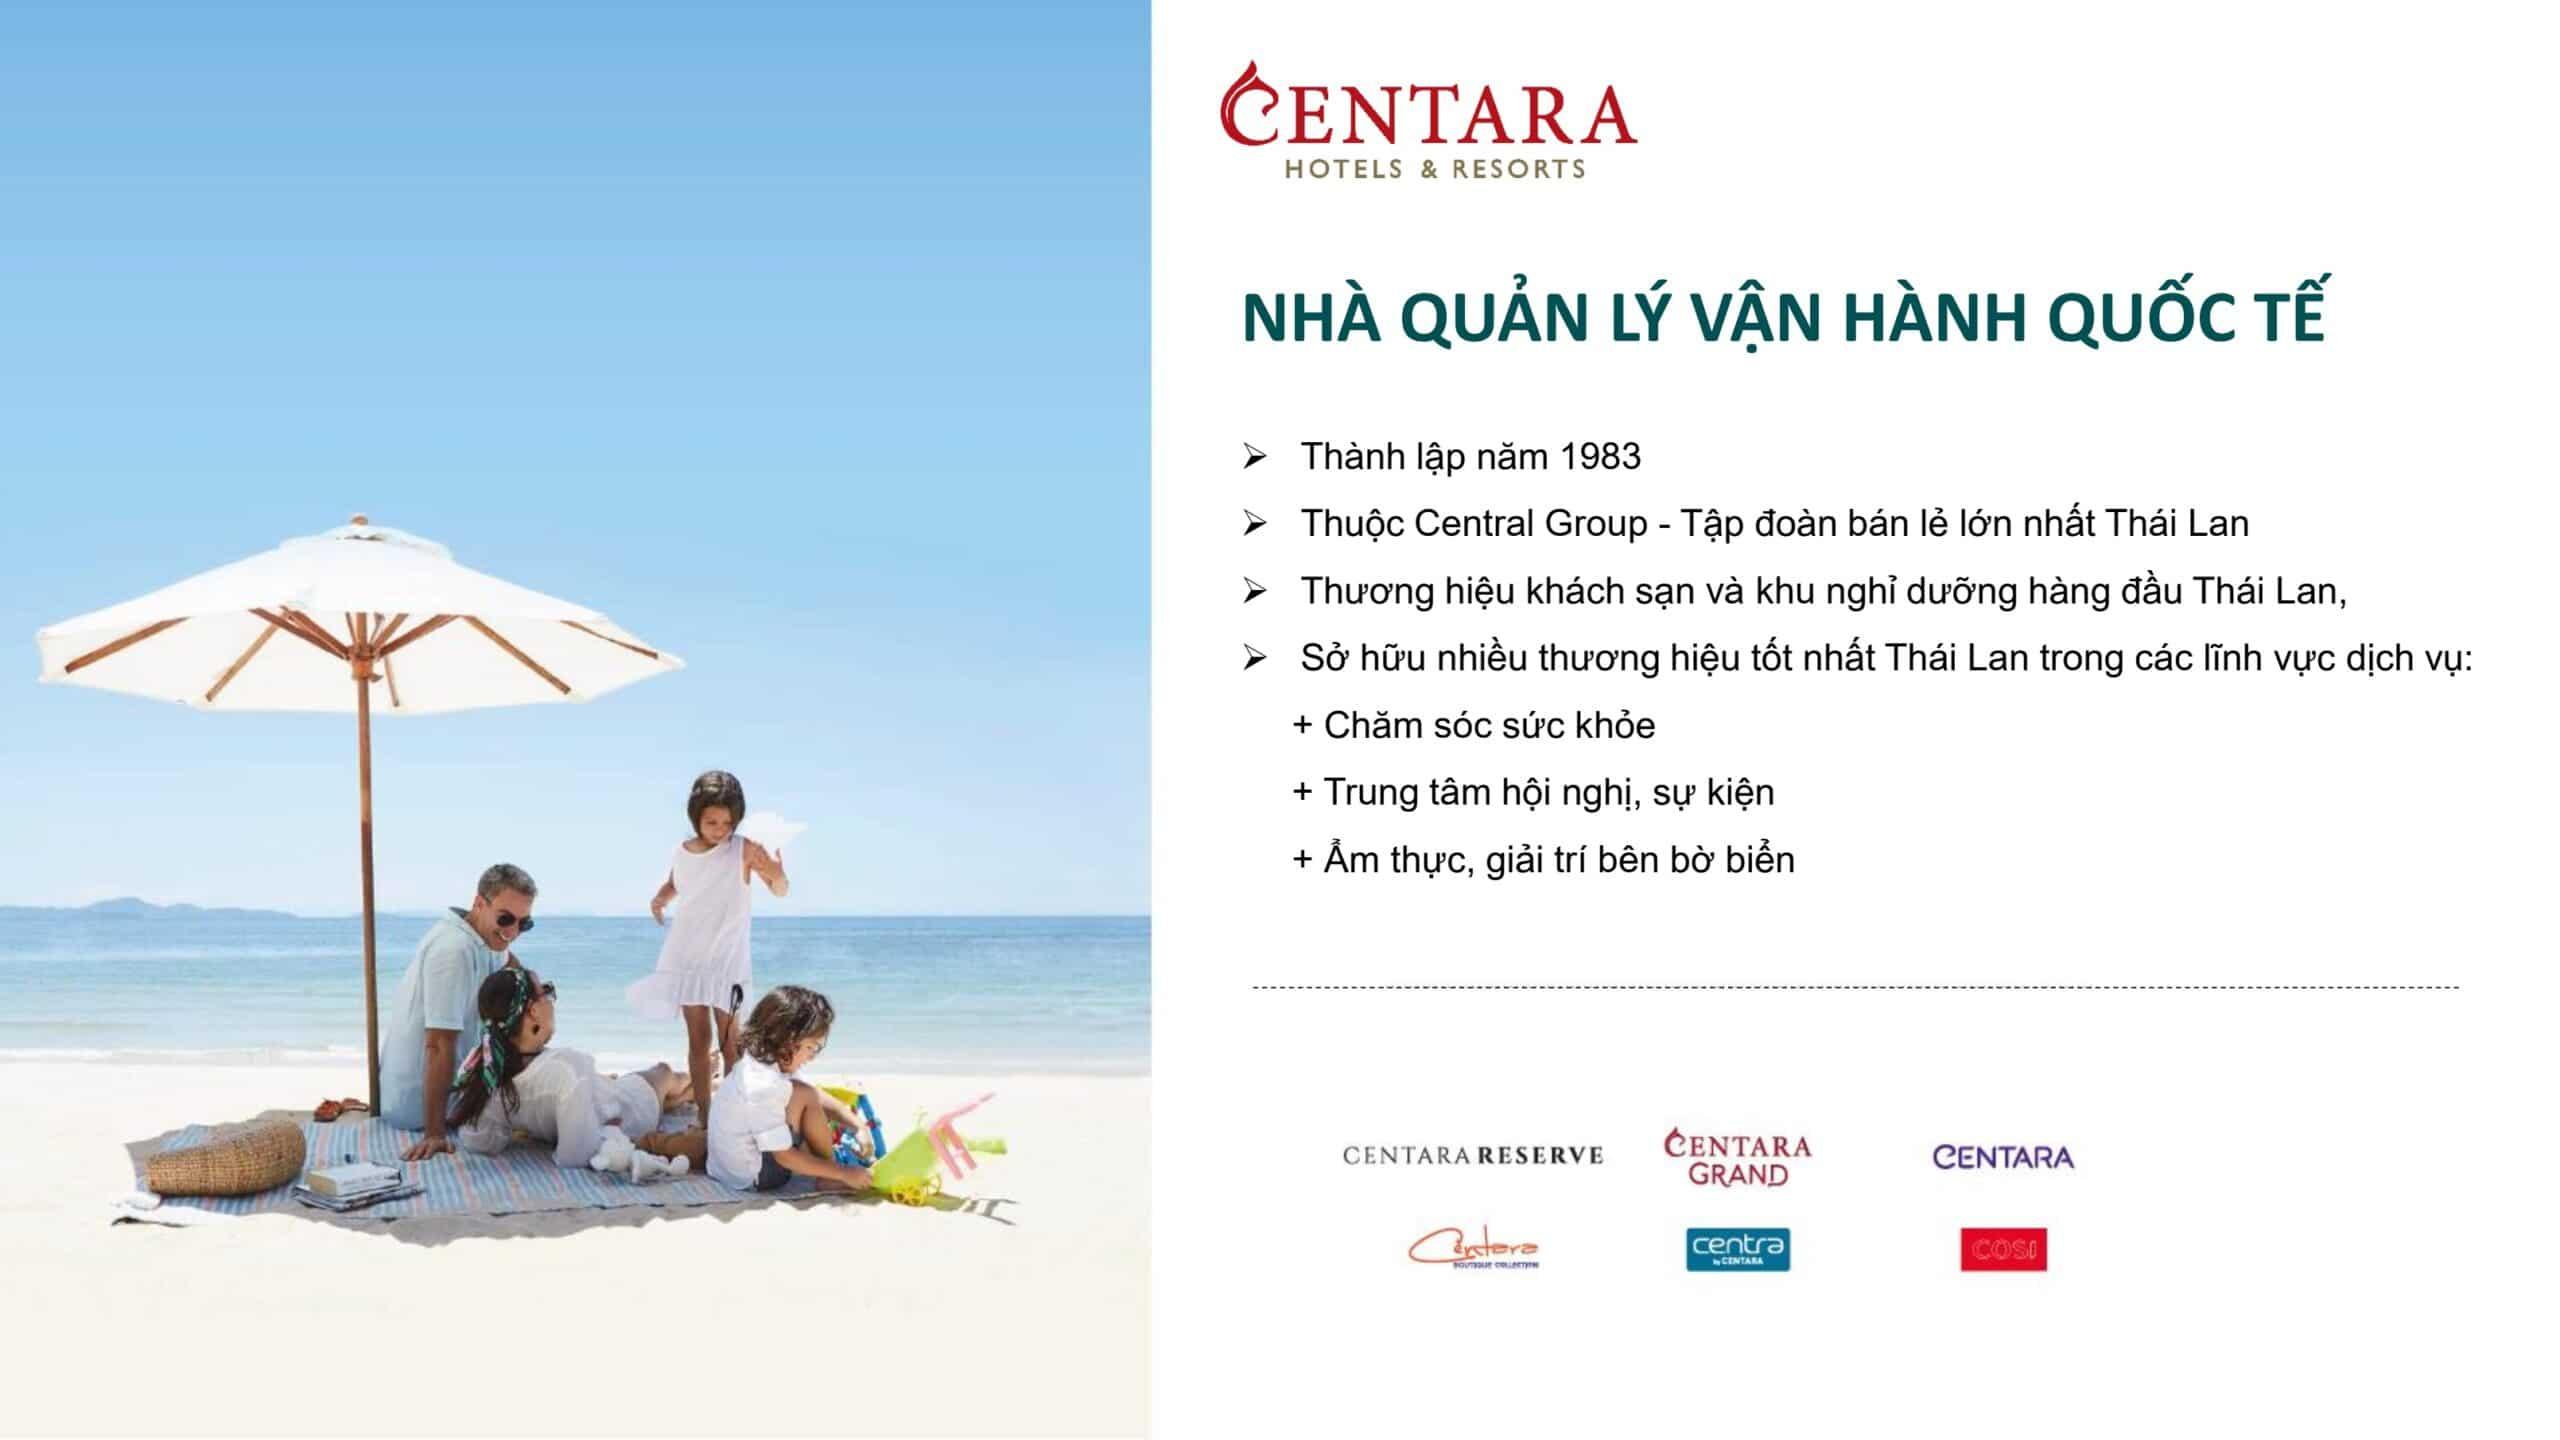 Quản lý vận hành Centara Hotels Resort 1